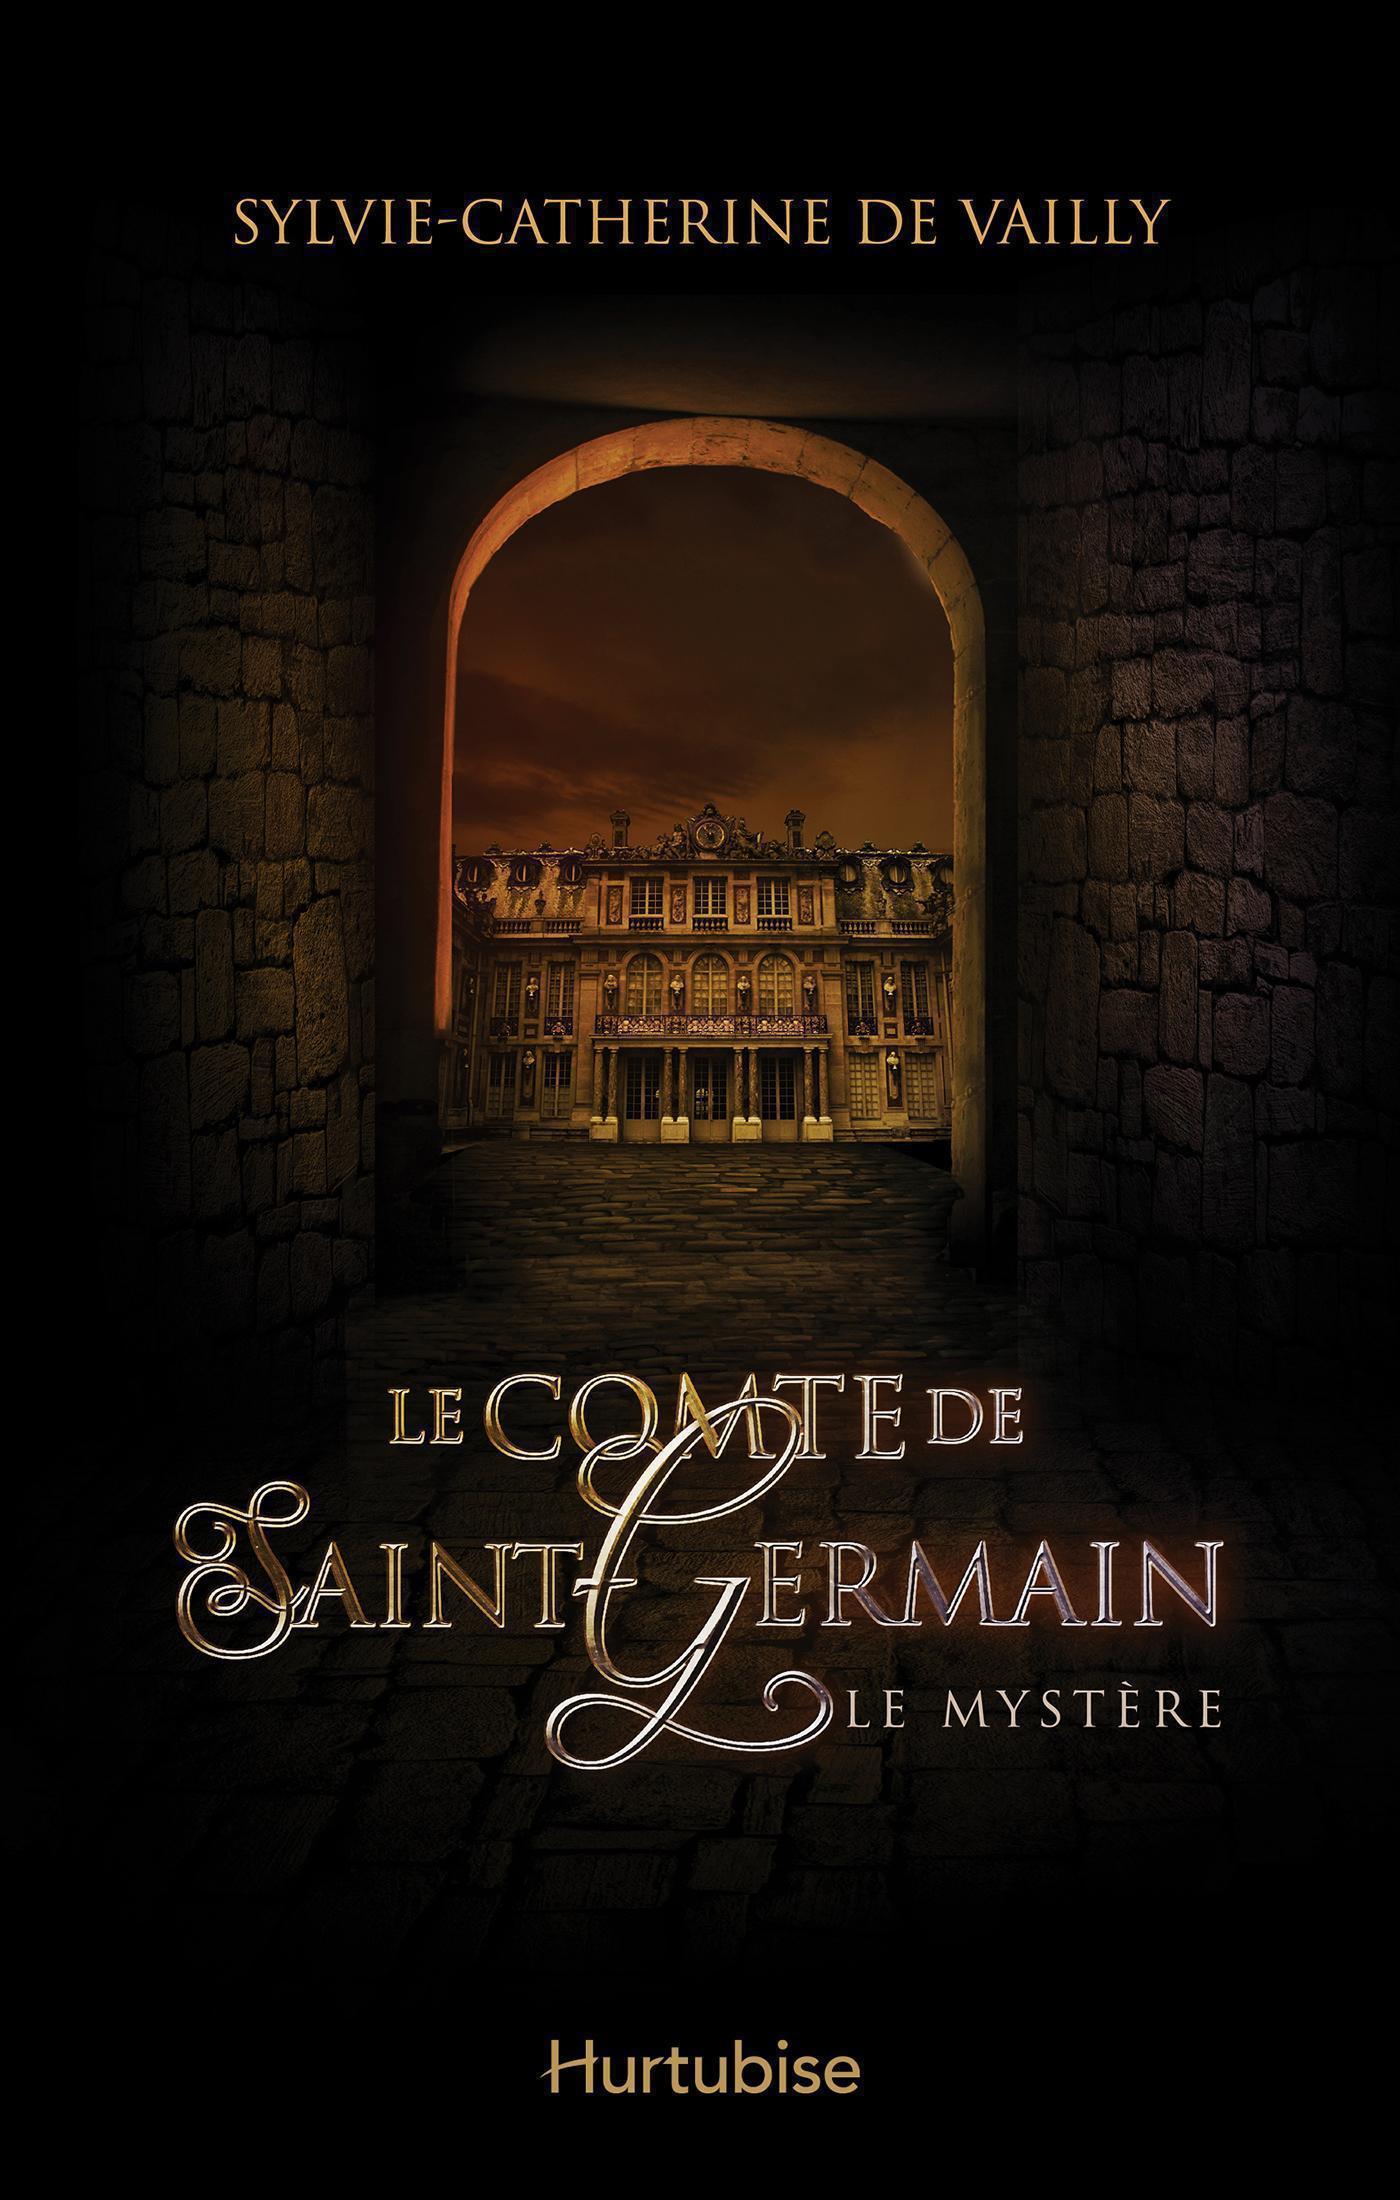 Le comte de Saint-Germain T1